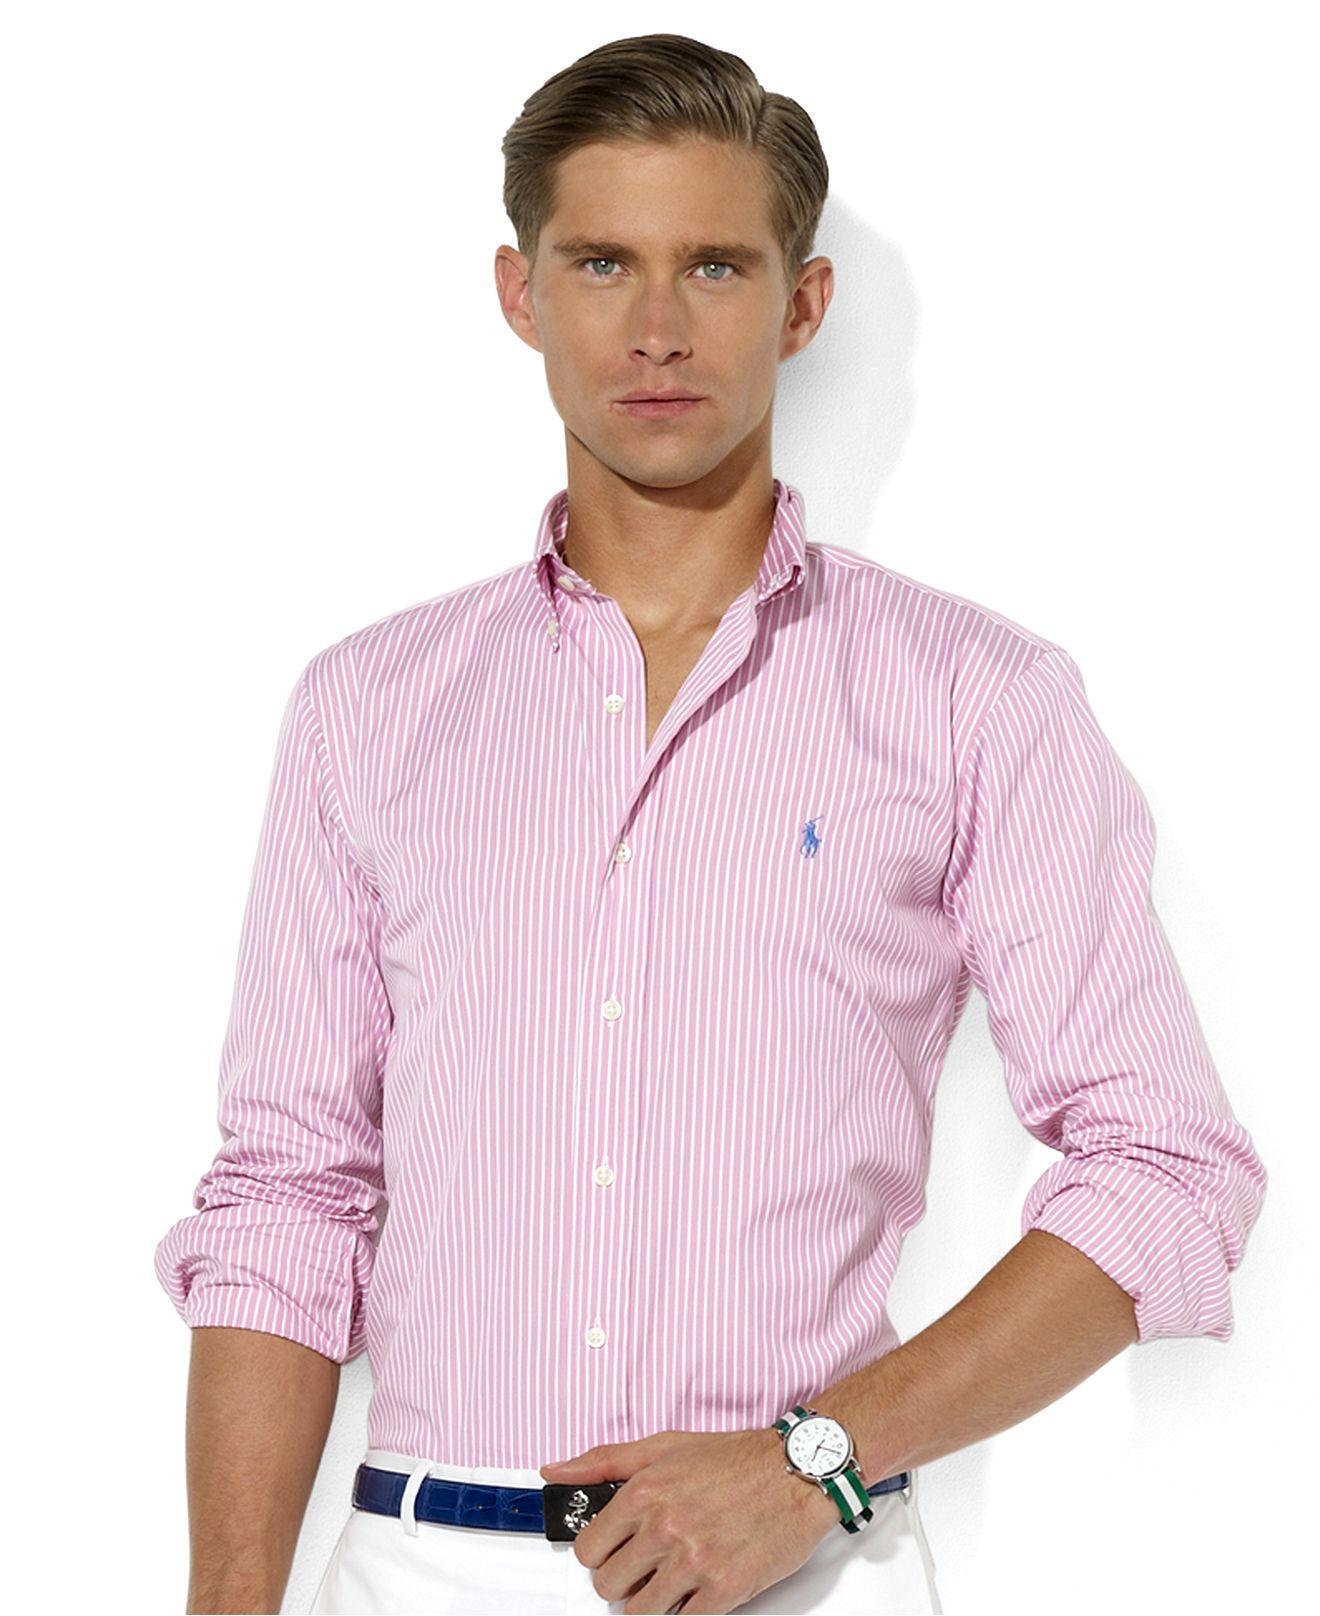 ee5b55aadedc6 Polo Ralph Lauren Shirt